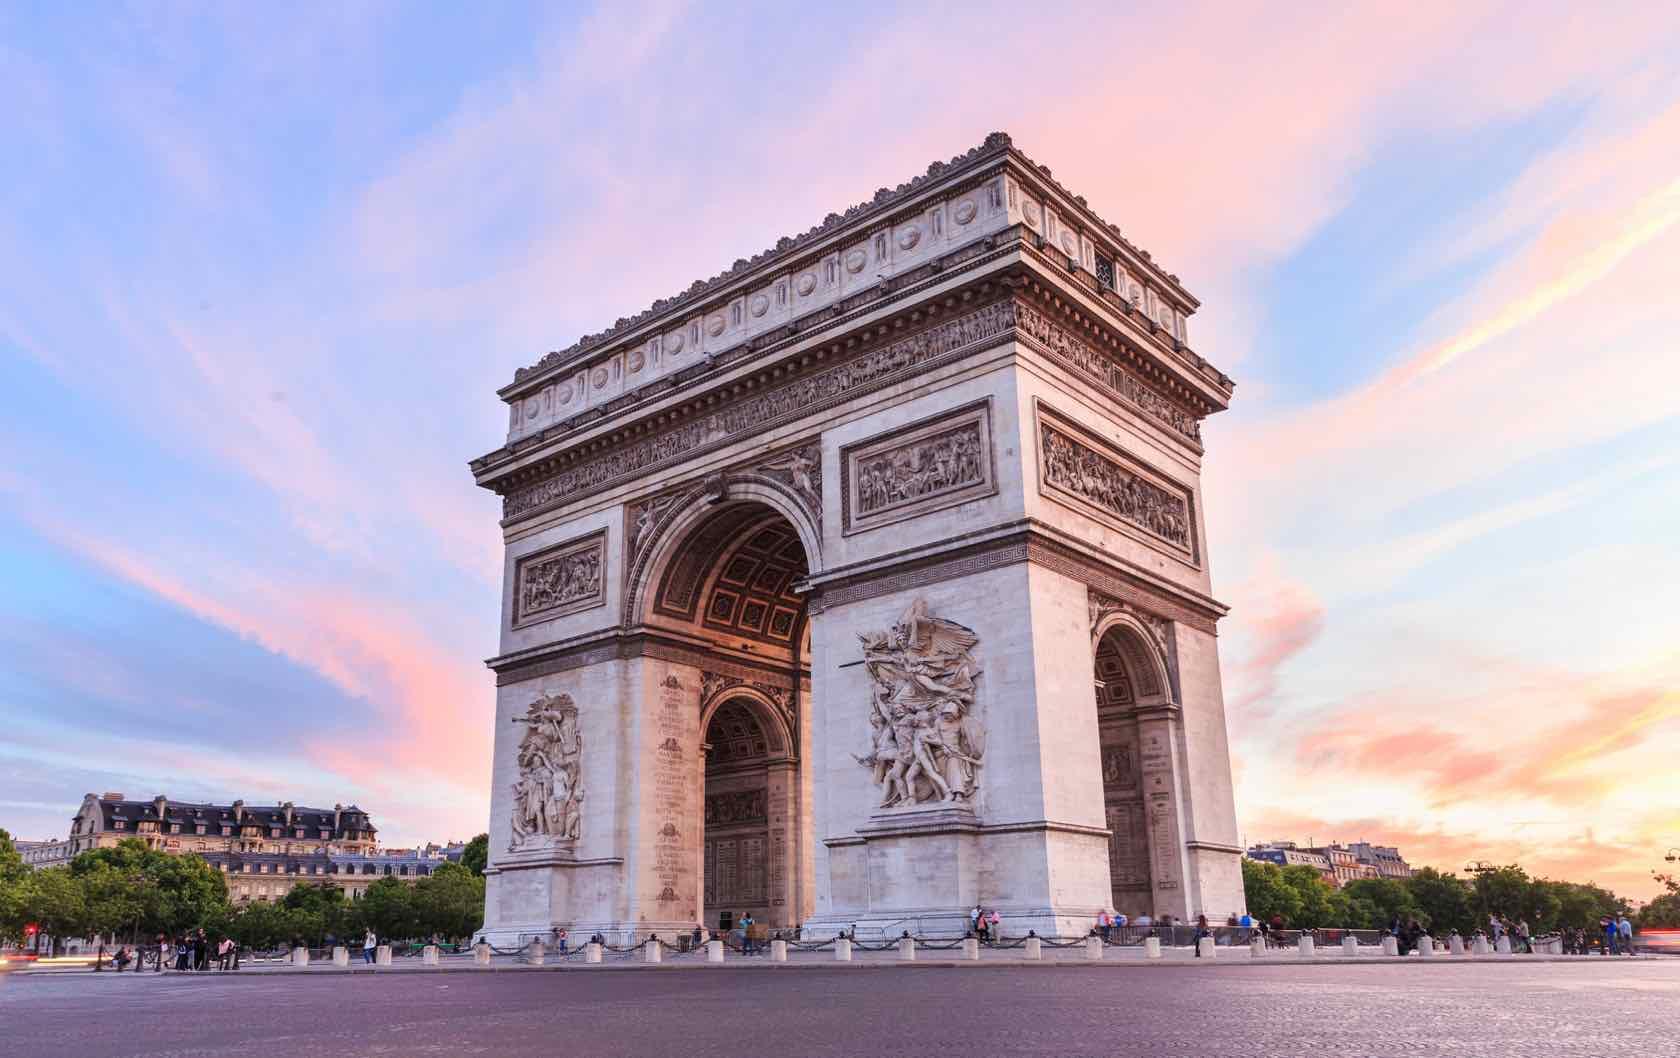 Place de l'Étoile beautiful squares in Paris